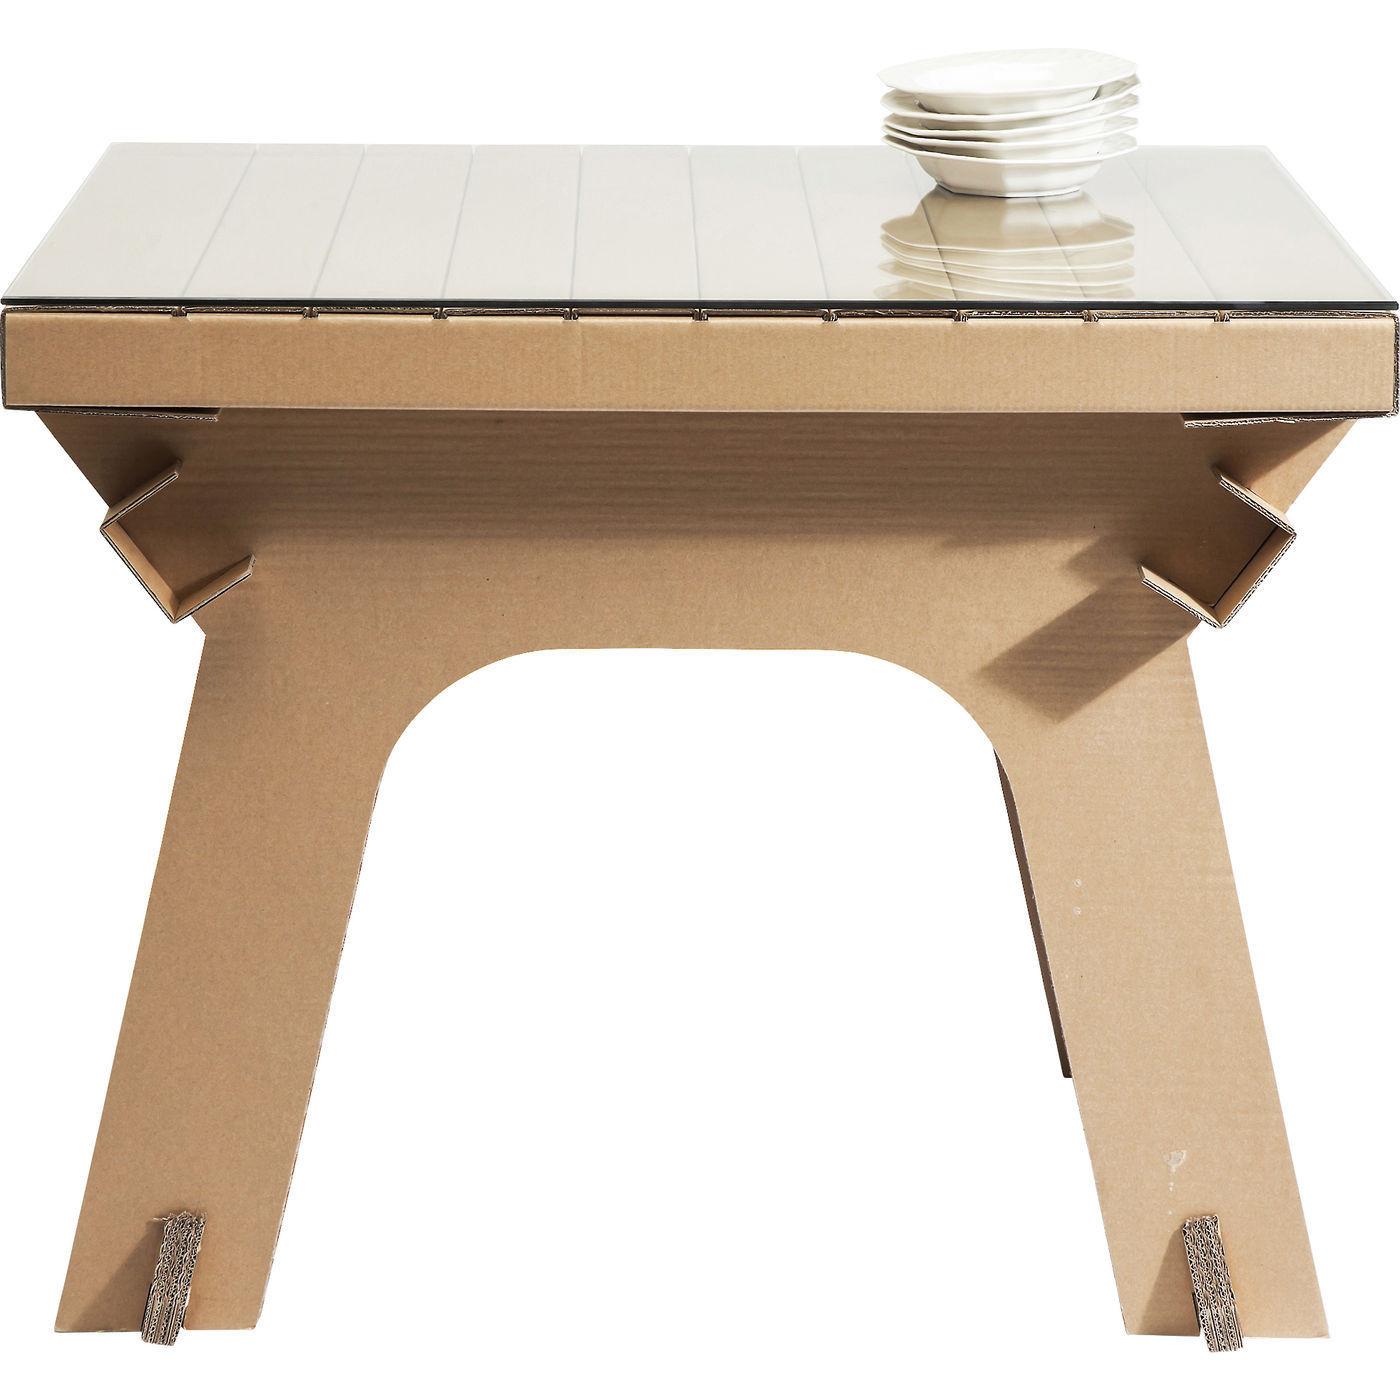 tisch have a break 100x80cm kare design mutoni m bel. Black Bedroom Furniture Sets. Home Design Ideas